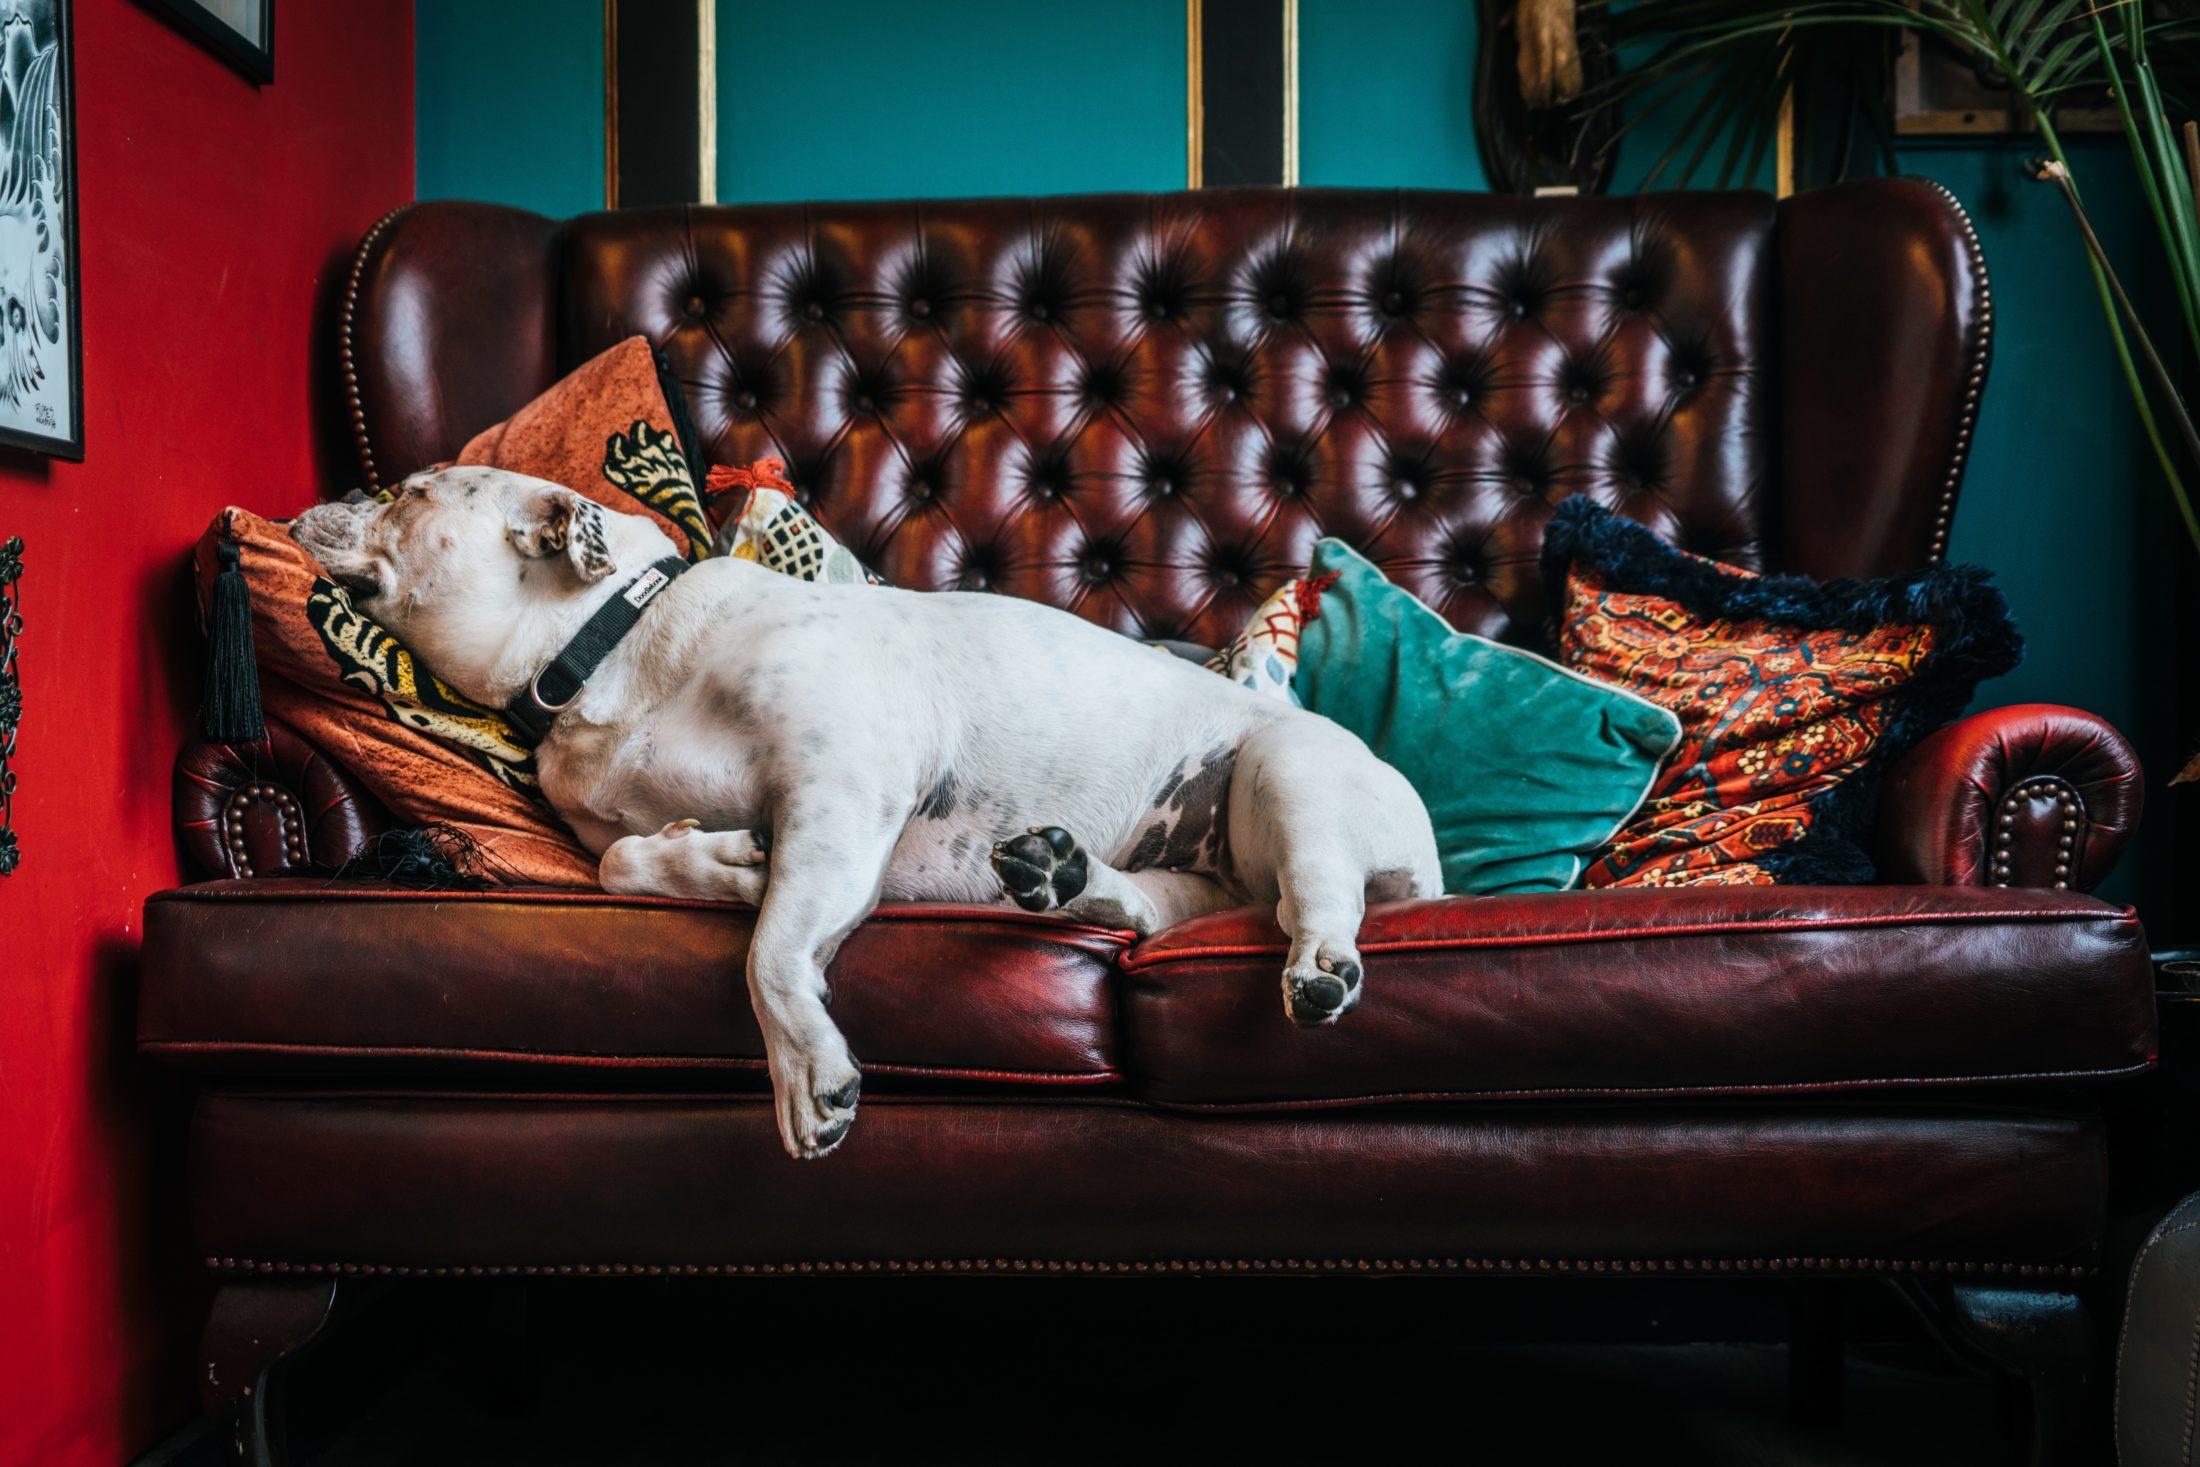 buldogue inglês deitado em sofá de couro